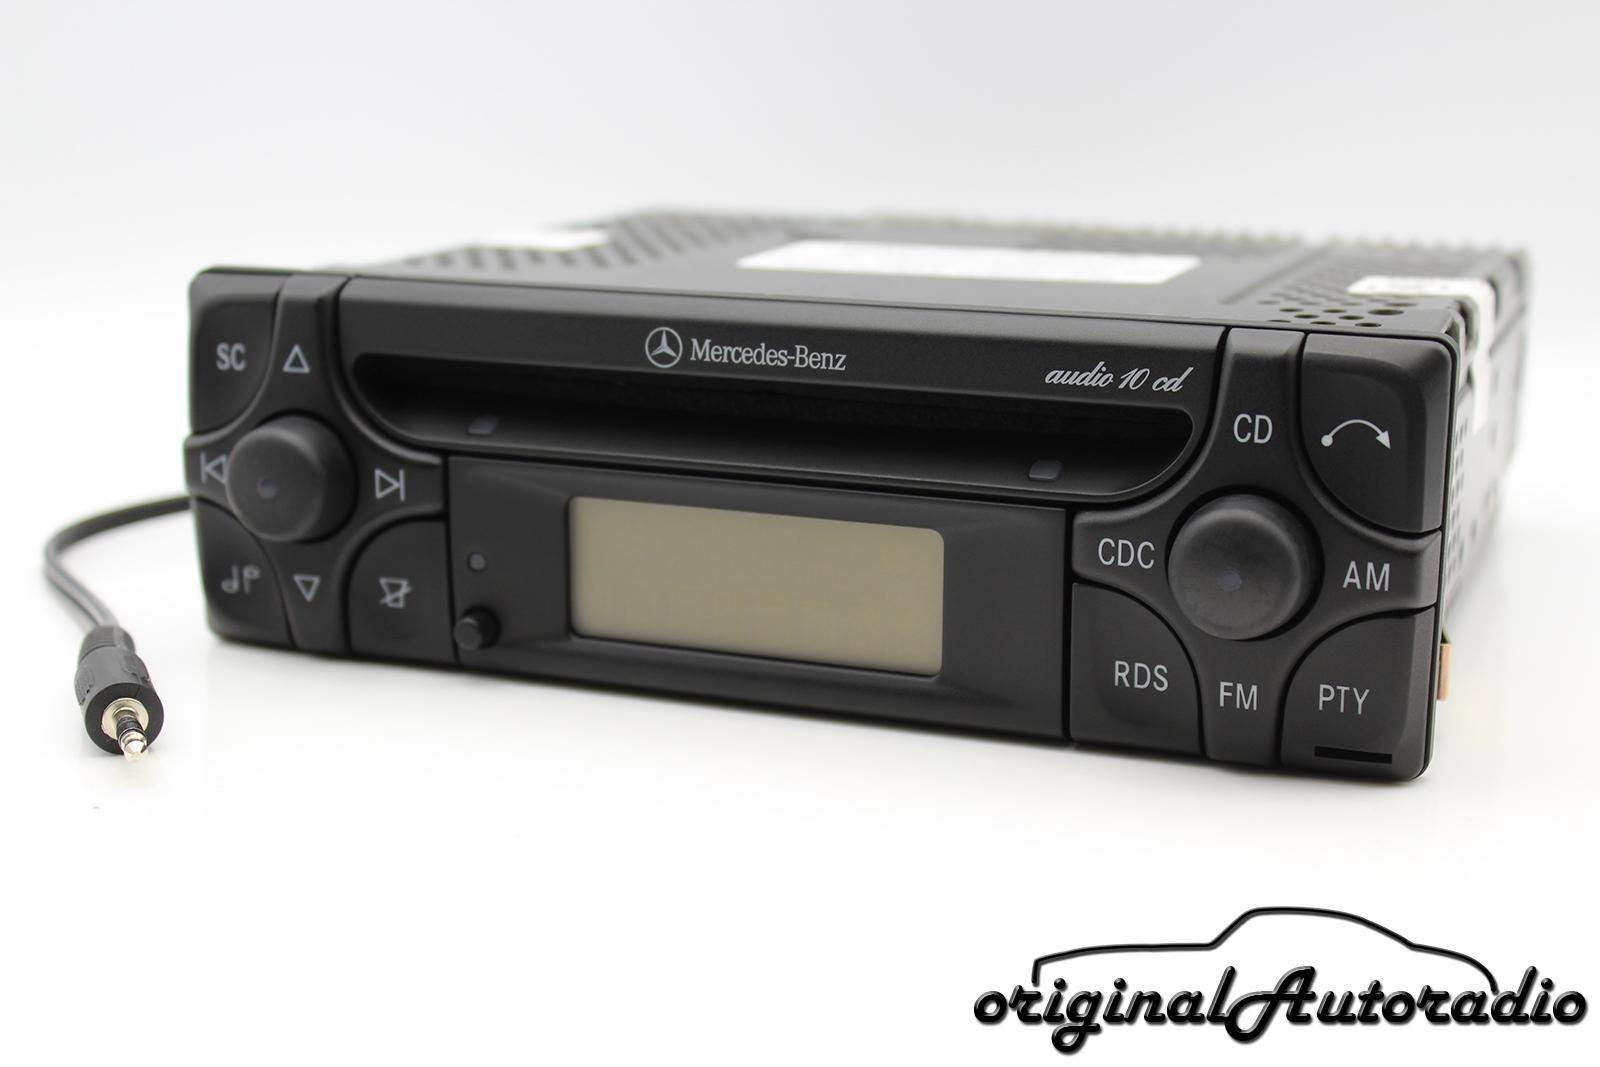 Original-Autoradio.de%20-%20Mercedes%20Audio%2010%20CD%20MF2199%20AUX-IN%20MP3%20Alpine%20%20Becker%20CD-R%20Original%20Car%20Radio